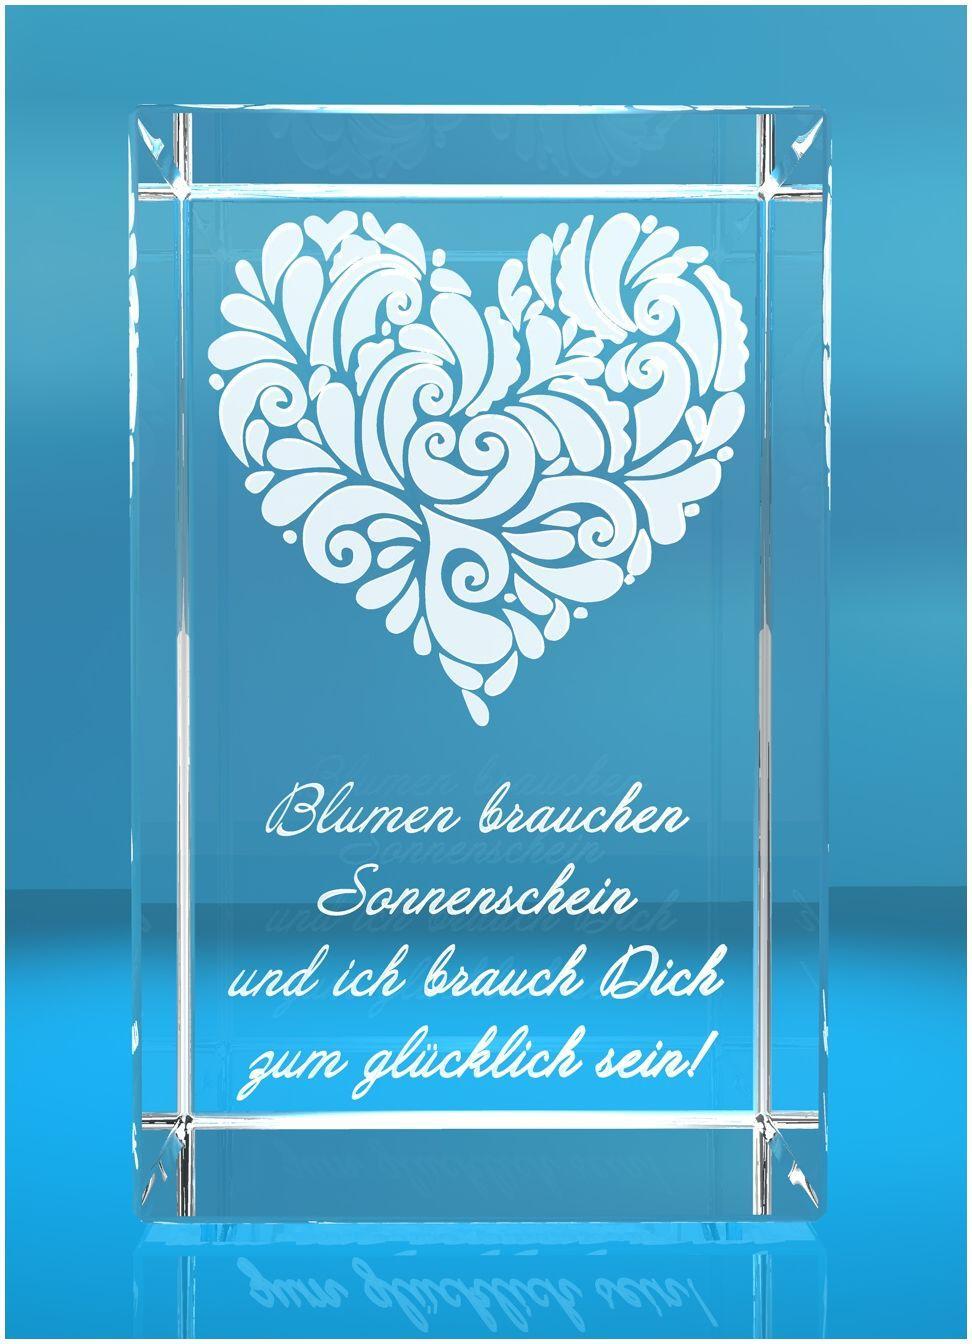 3D Glasquader   verziertes Herz   Blumen brauchen Sonnenschein und ich brauch Dich zum glücklich sein!